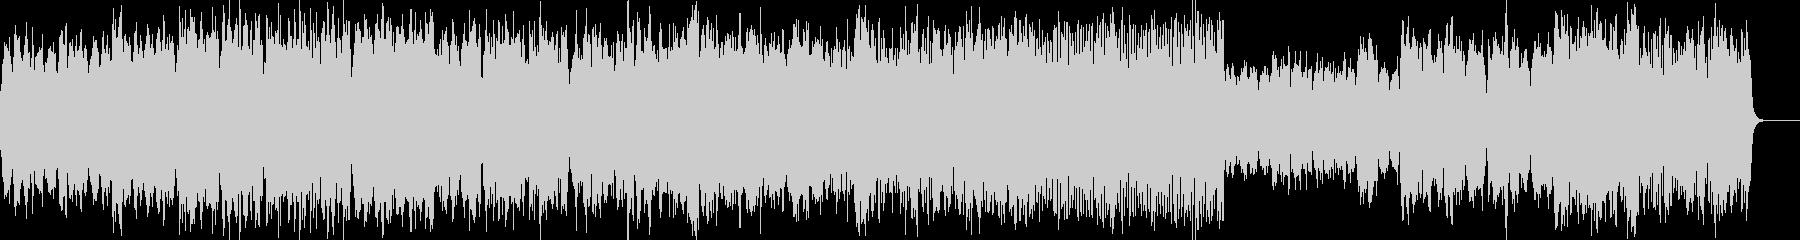 上品 ティータイム 中世 バロック 優雅の未再生の波形